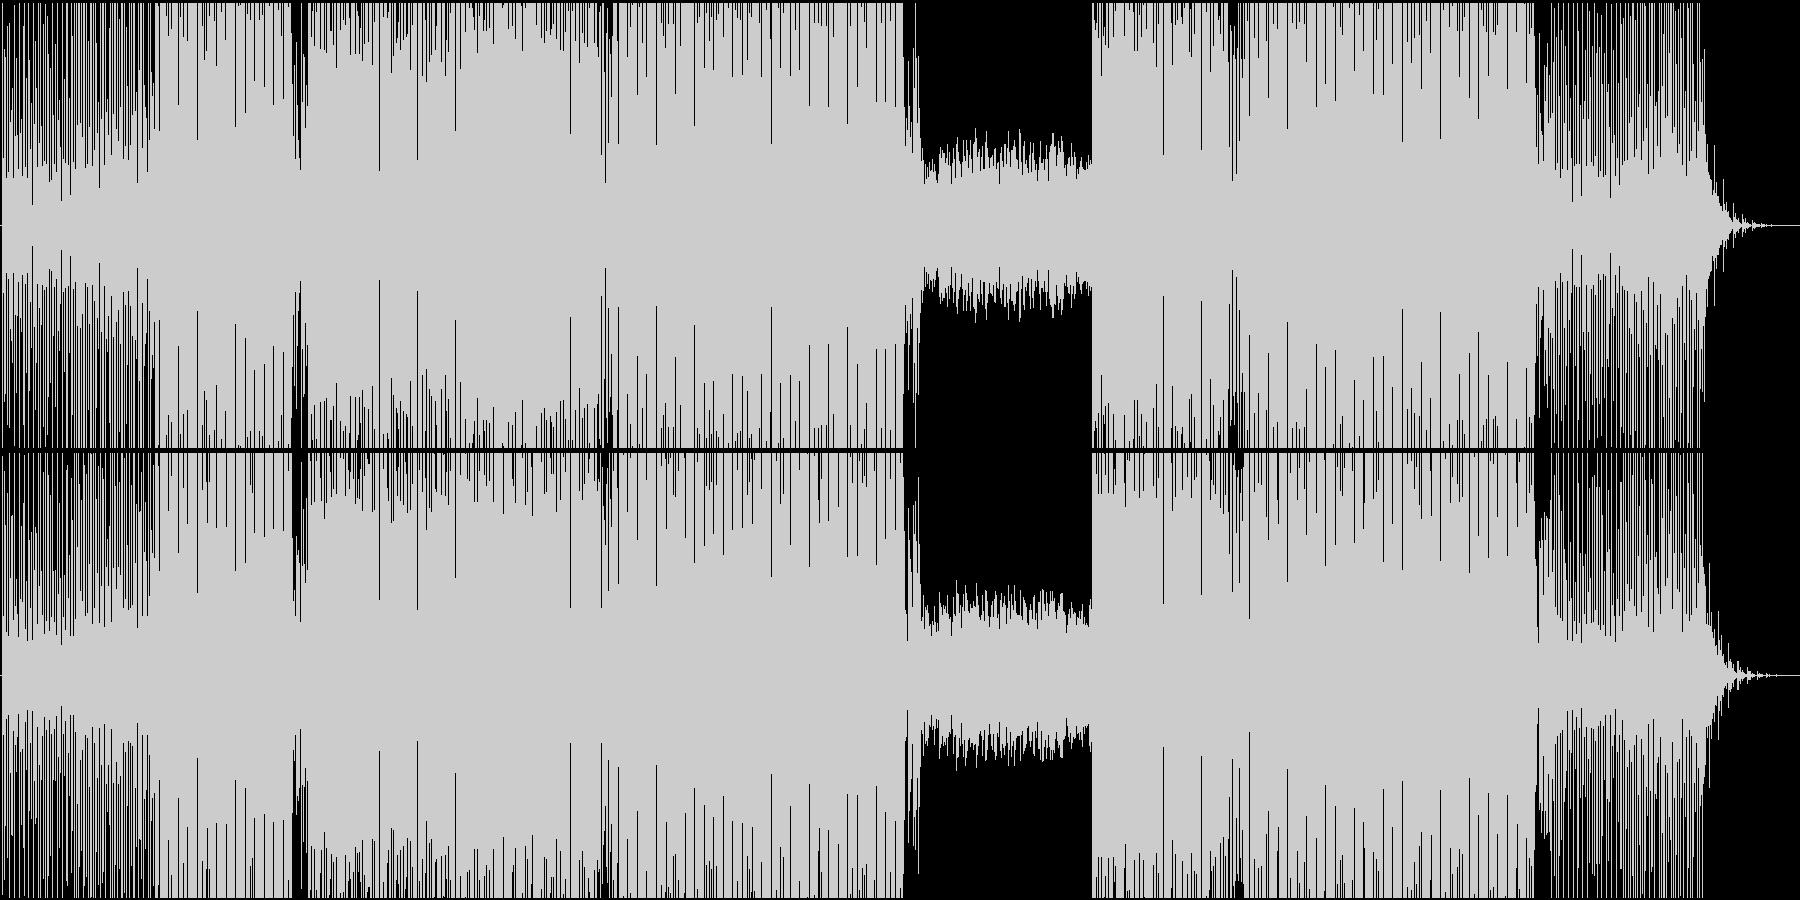 映像用クールで静かなシーケンスのEDMの未再生の波形